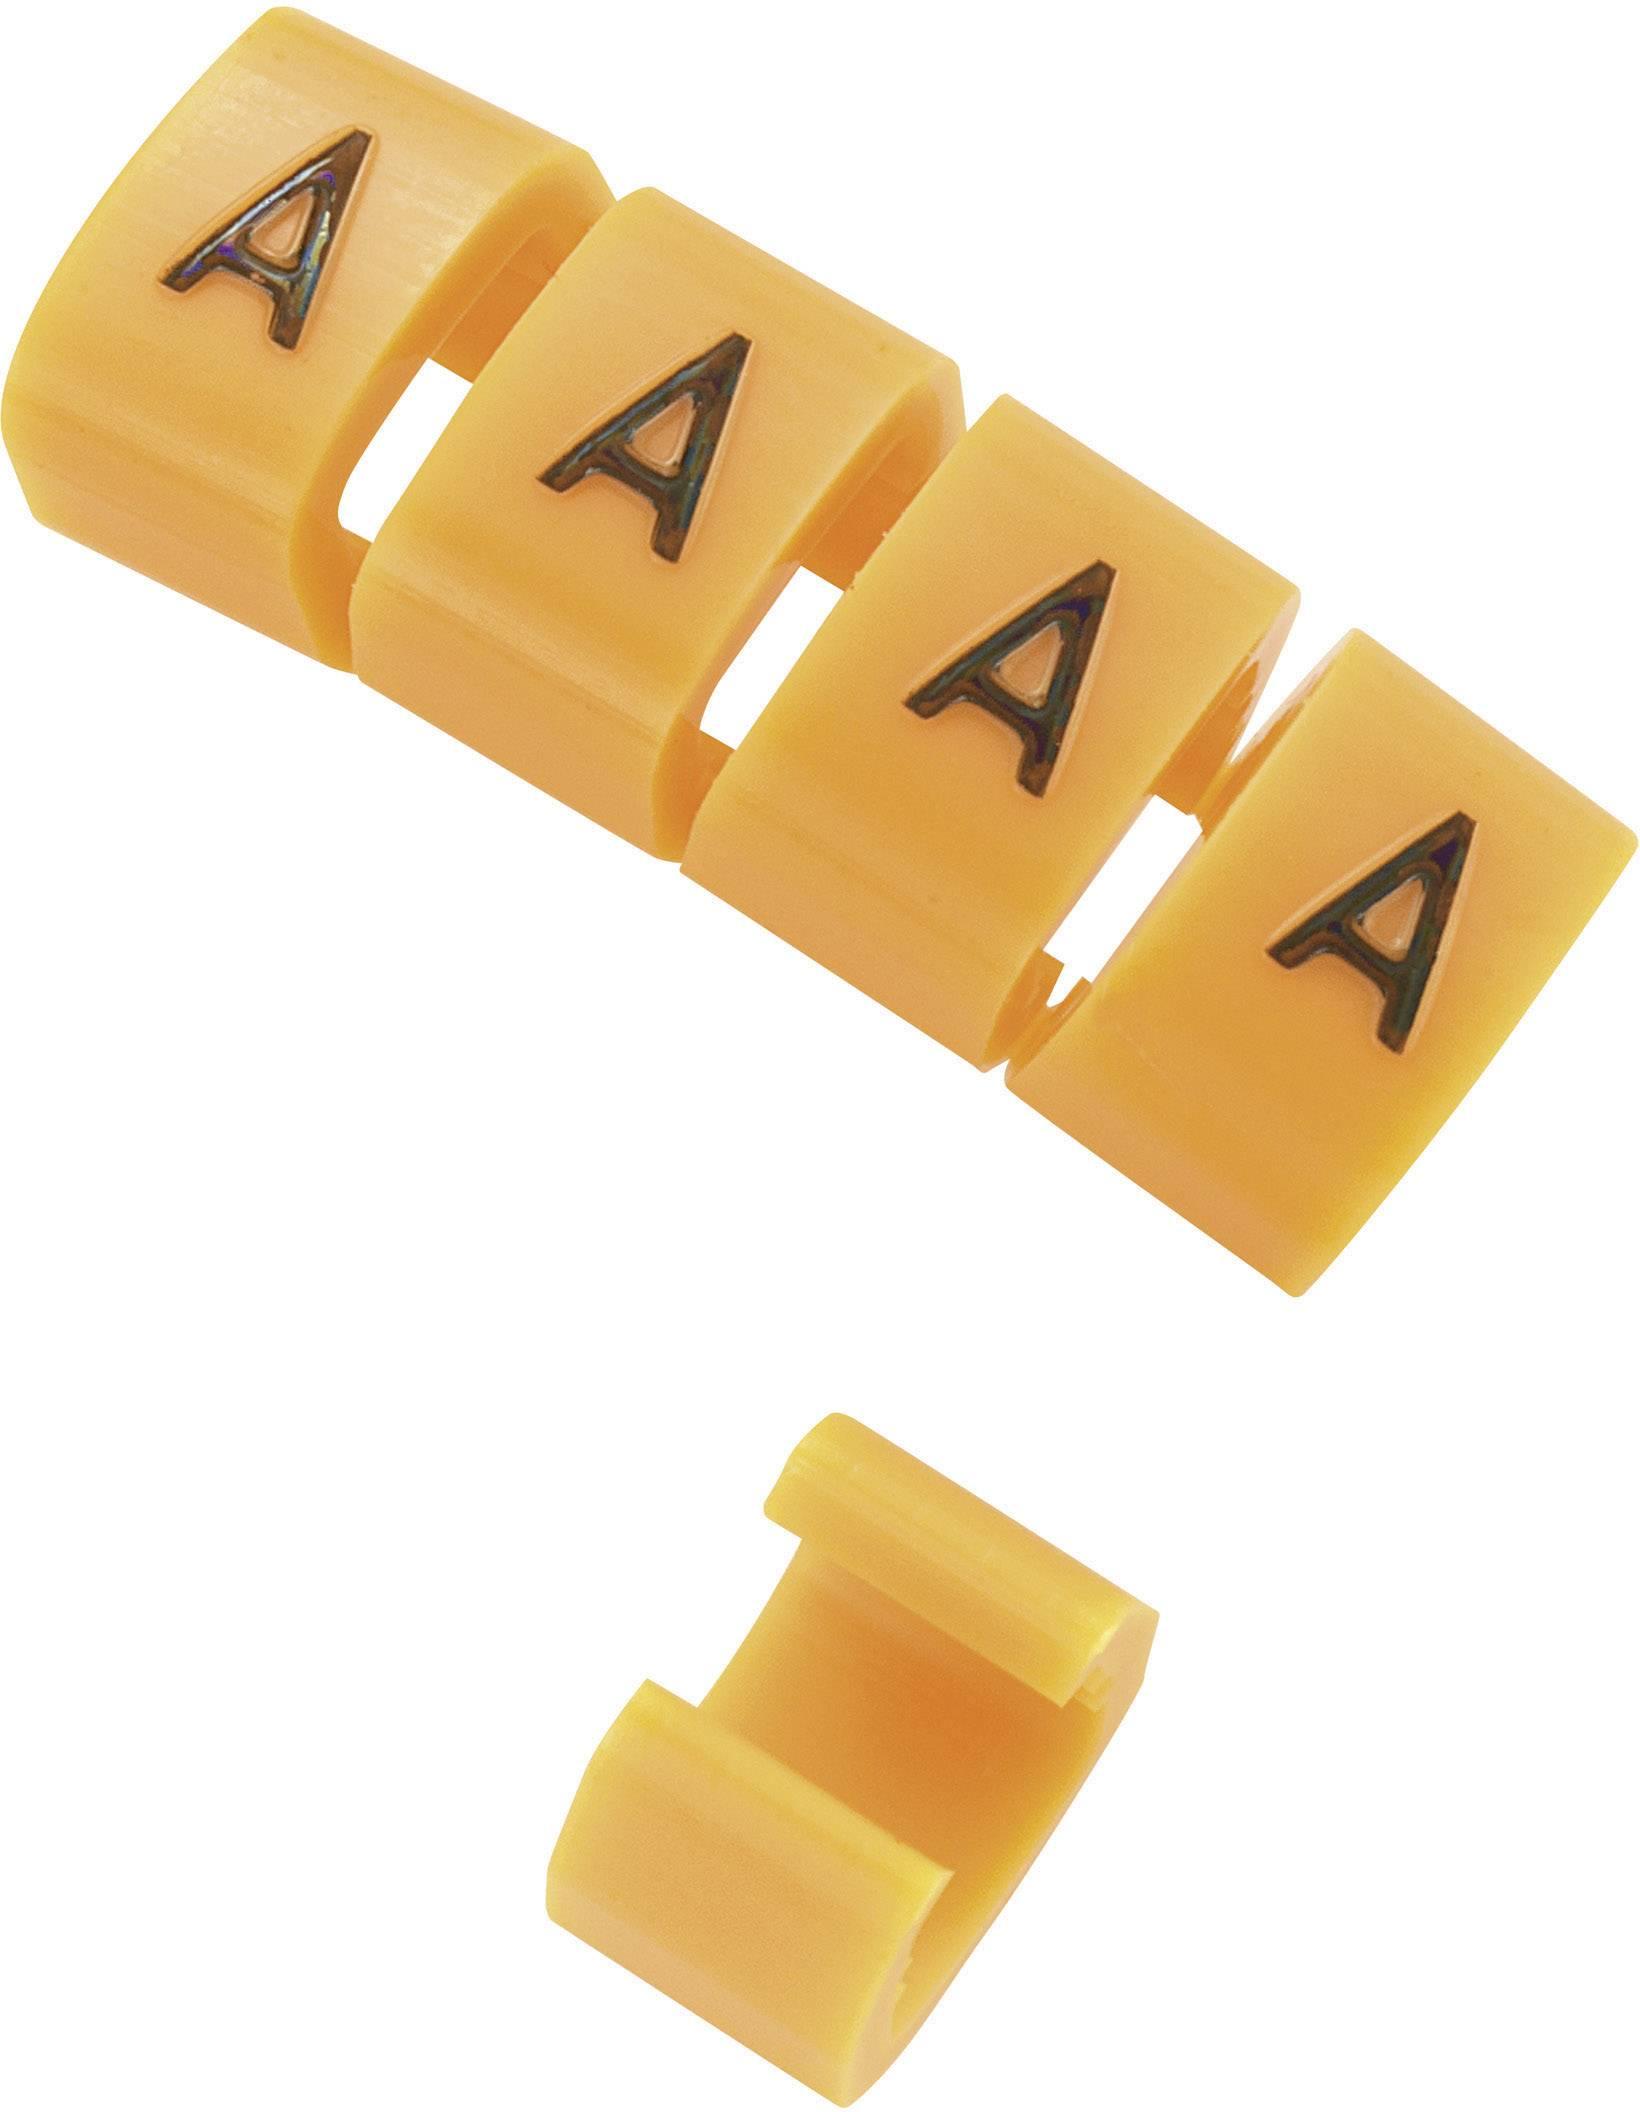 Označovacie objímka na káble KSS MB2/K, oranžová, 10 ks